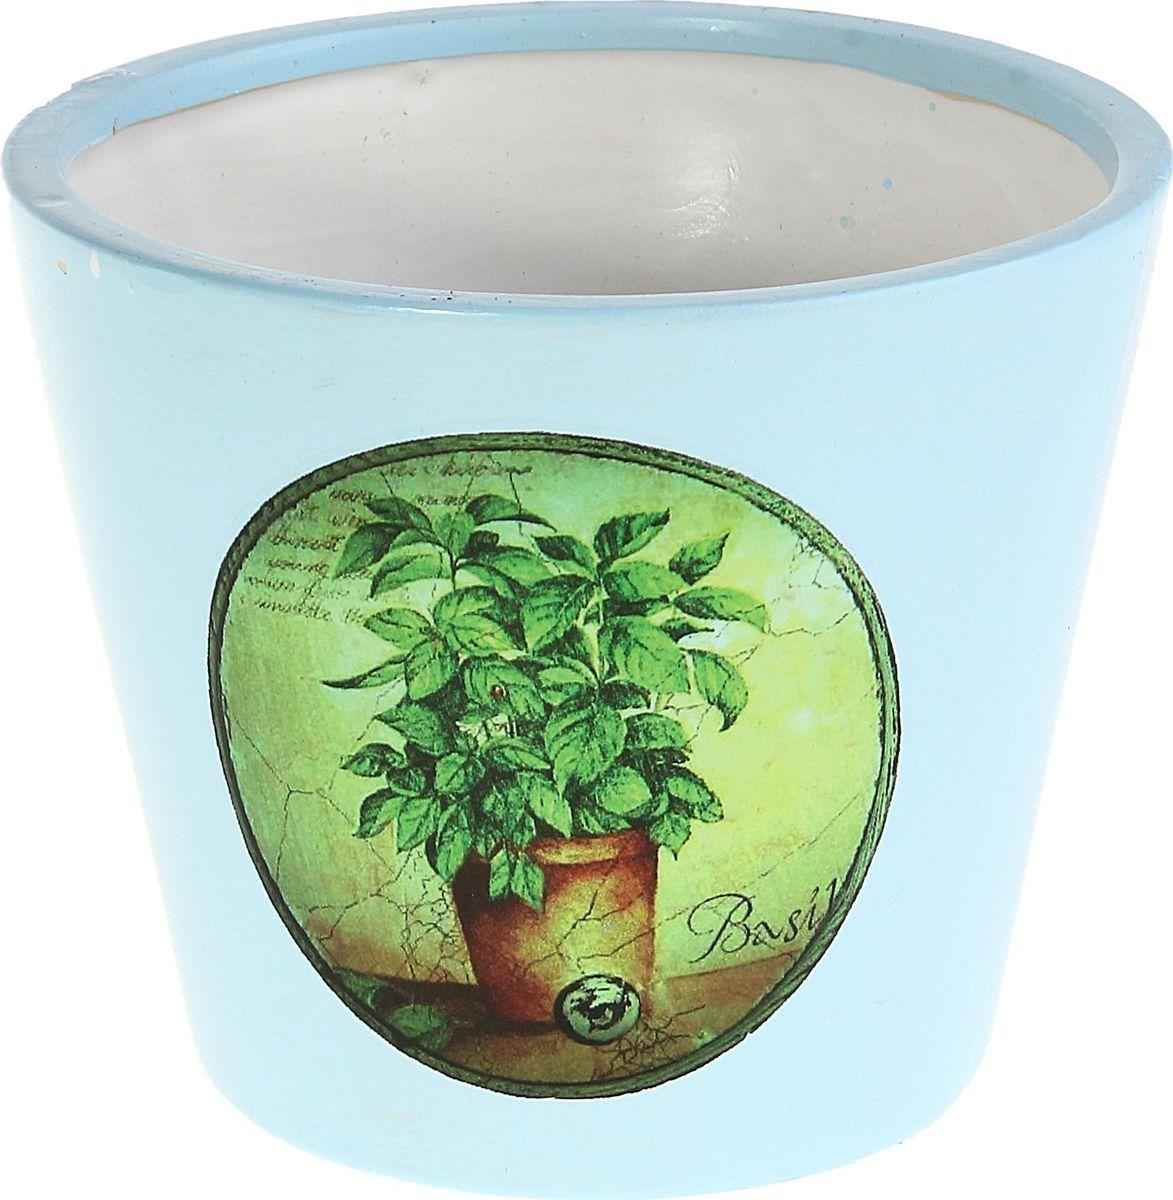 Кашпо Базилик, цвет: голубой, 10 х 15 х 12 см829764Комнатные растения — всеобщие любимцы. Они радуют глаз, насыщают помещение кислородом и украшают пространство. Каждому из них необходим свой удобный и красивый дом. Кашпо из керамики прекрасно подходят для высадки растений: за счёт пластичности глины и разных способов обработки существует великое множество форм и дизайновпористый материал позволяет испаряться лишней влагевоздух, необходимый для дыхания корней, проникает сквозь керамические стенки! #name# позаботится о зелёном питомце, освежит интерьер и подчеркнёт его стиль.